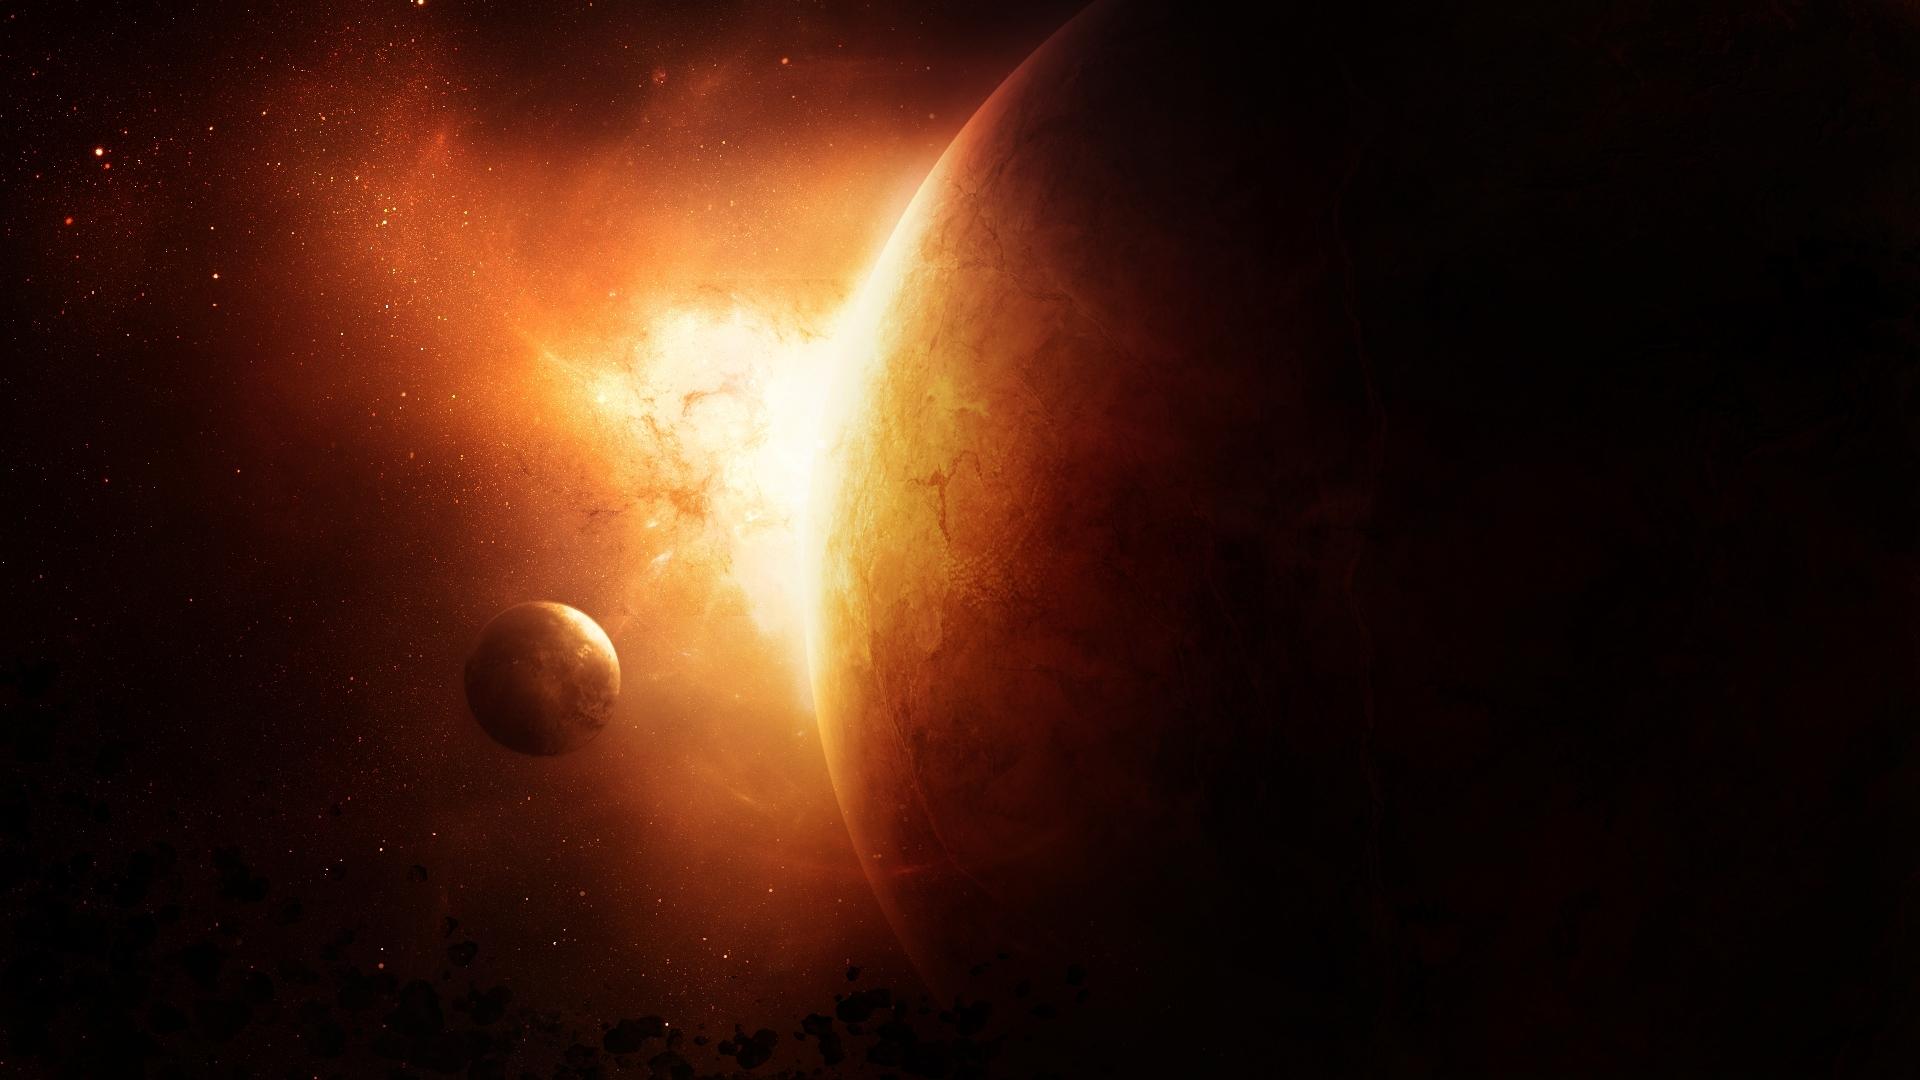 солнце, взрыв, свет, планета, обои для рабочего стола